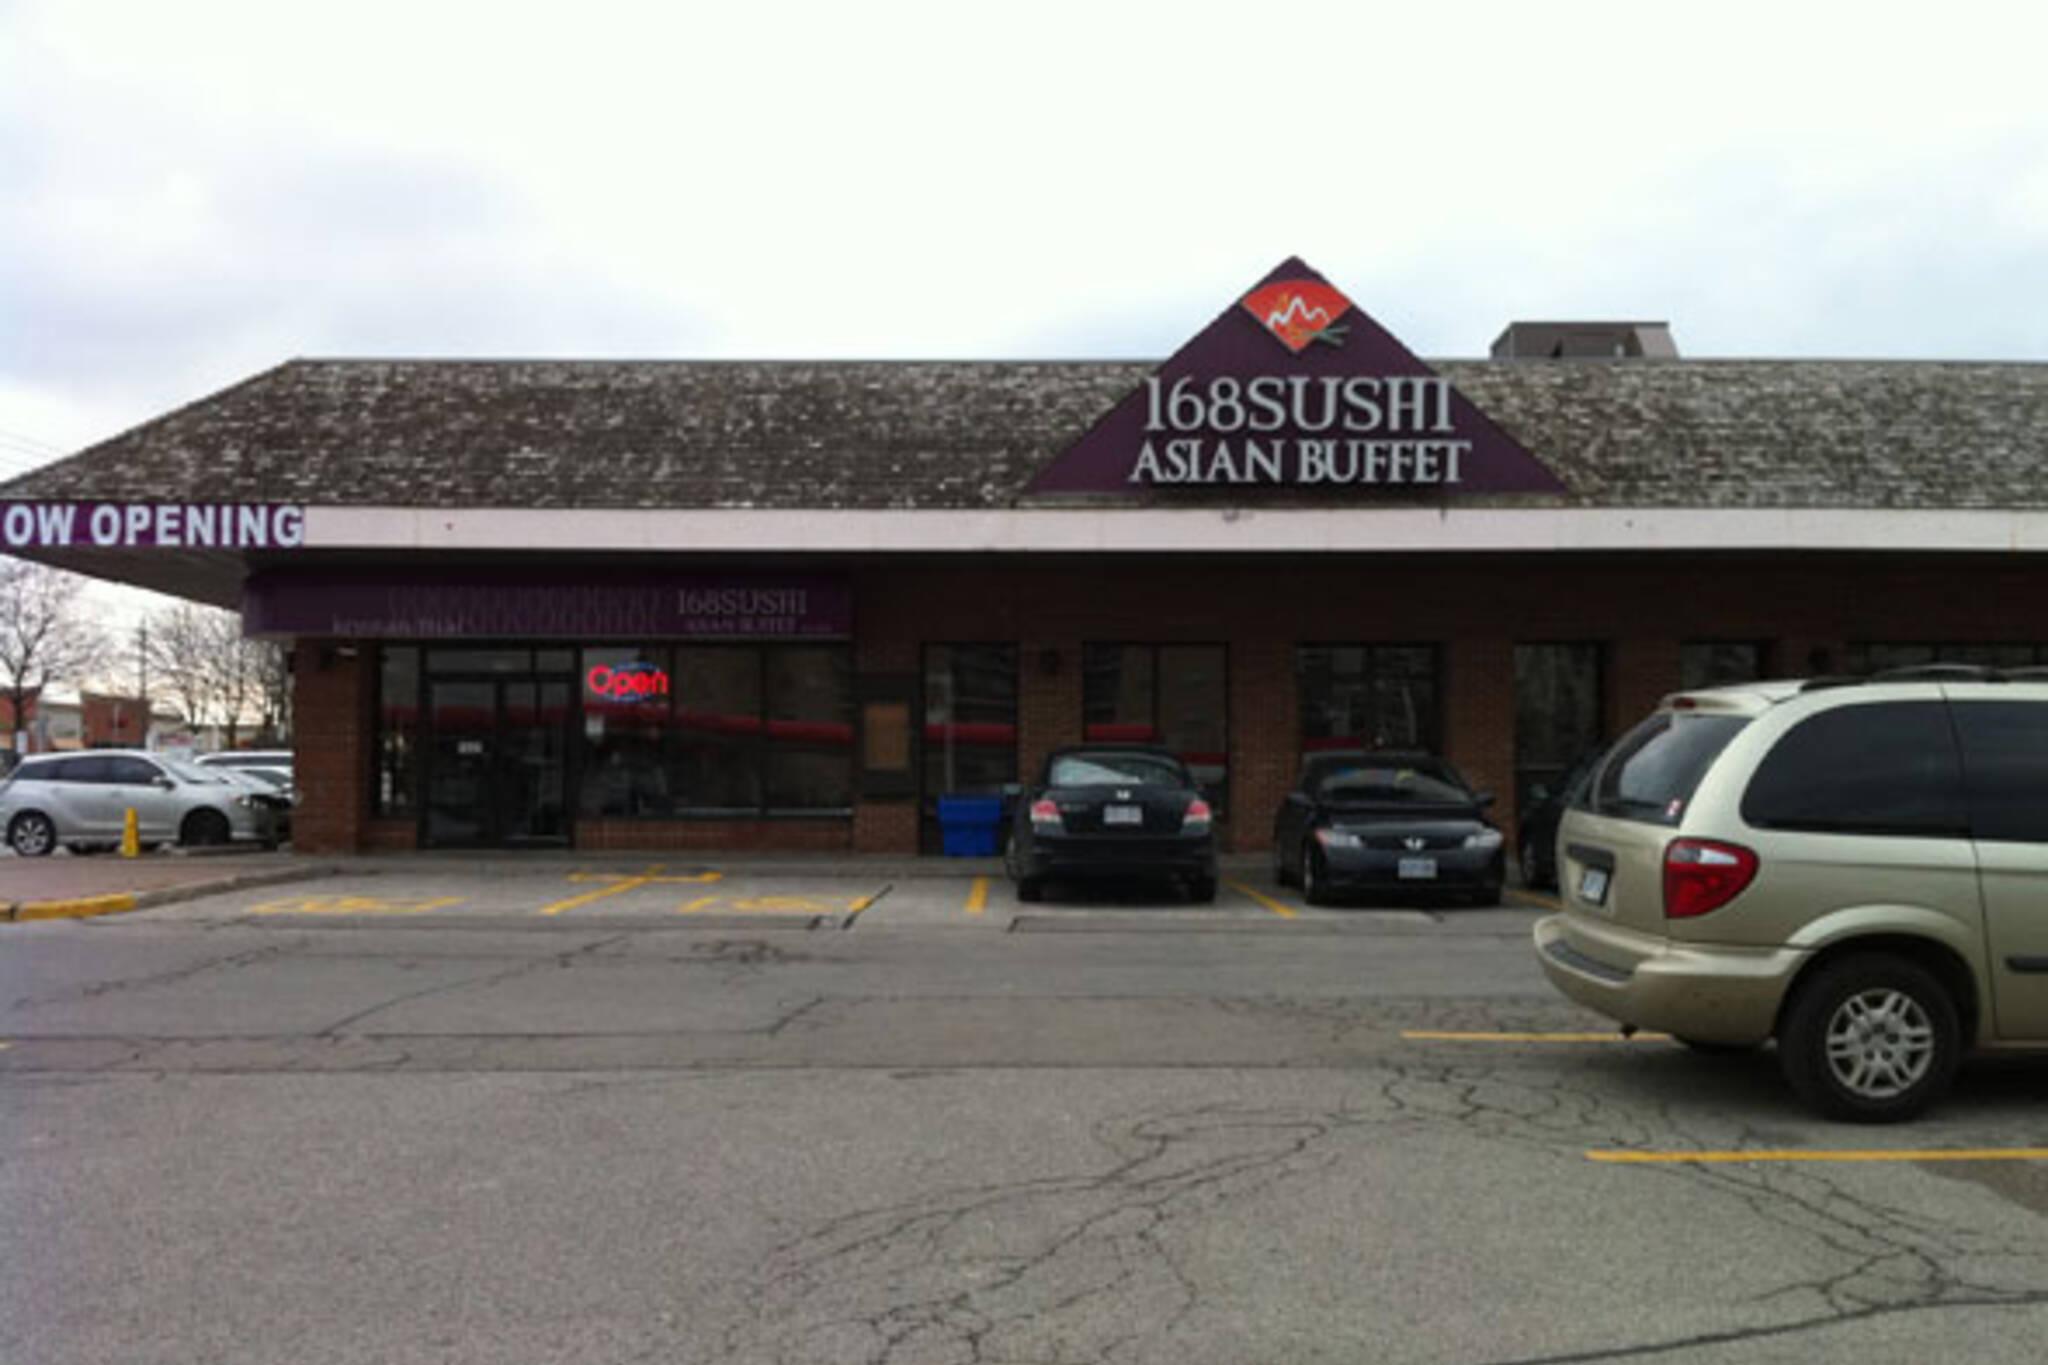 168 Sushi Asian Buffet North York